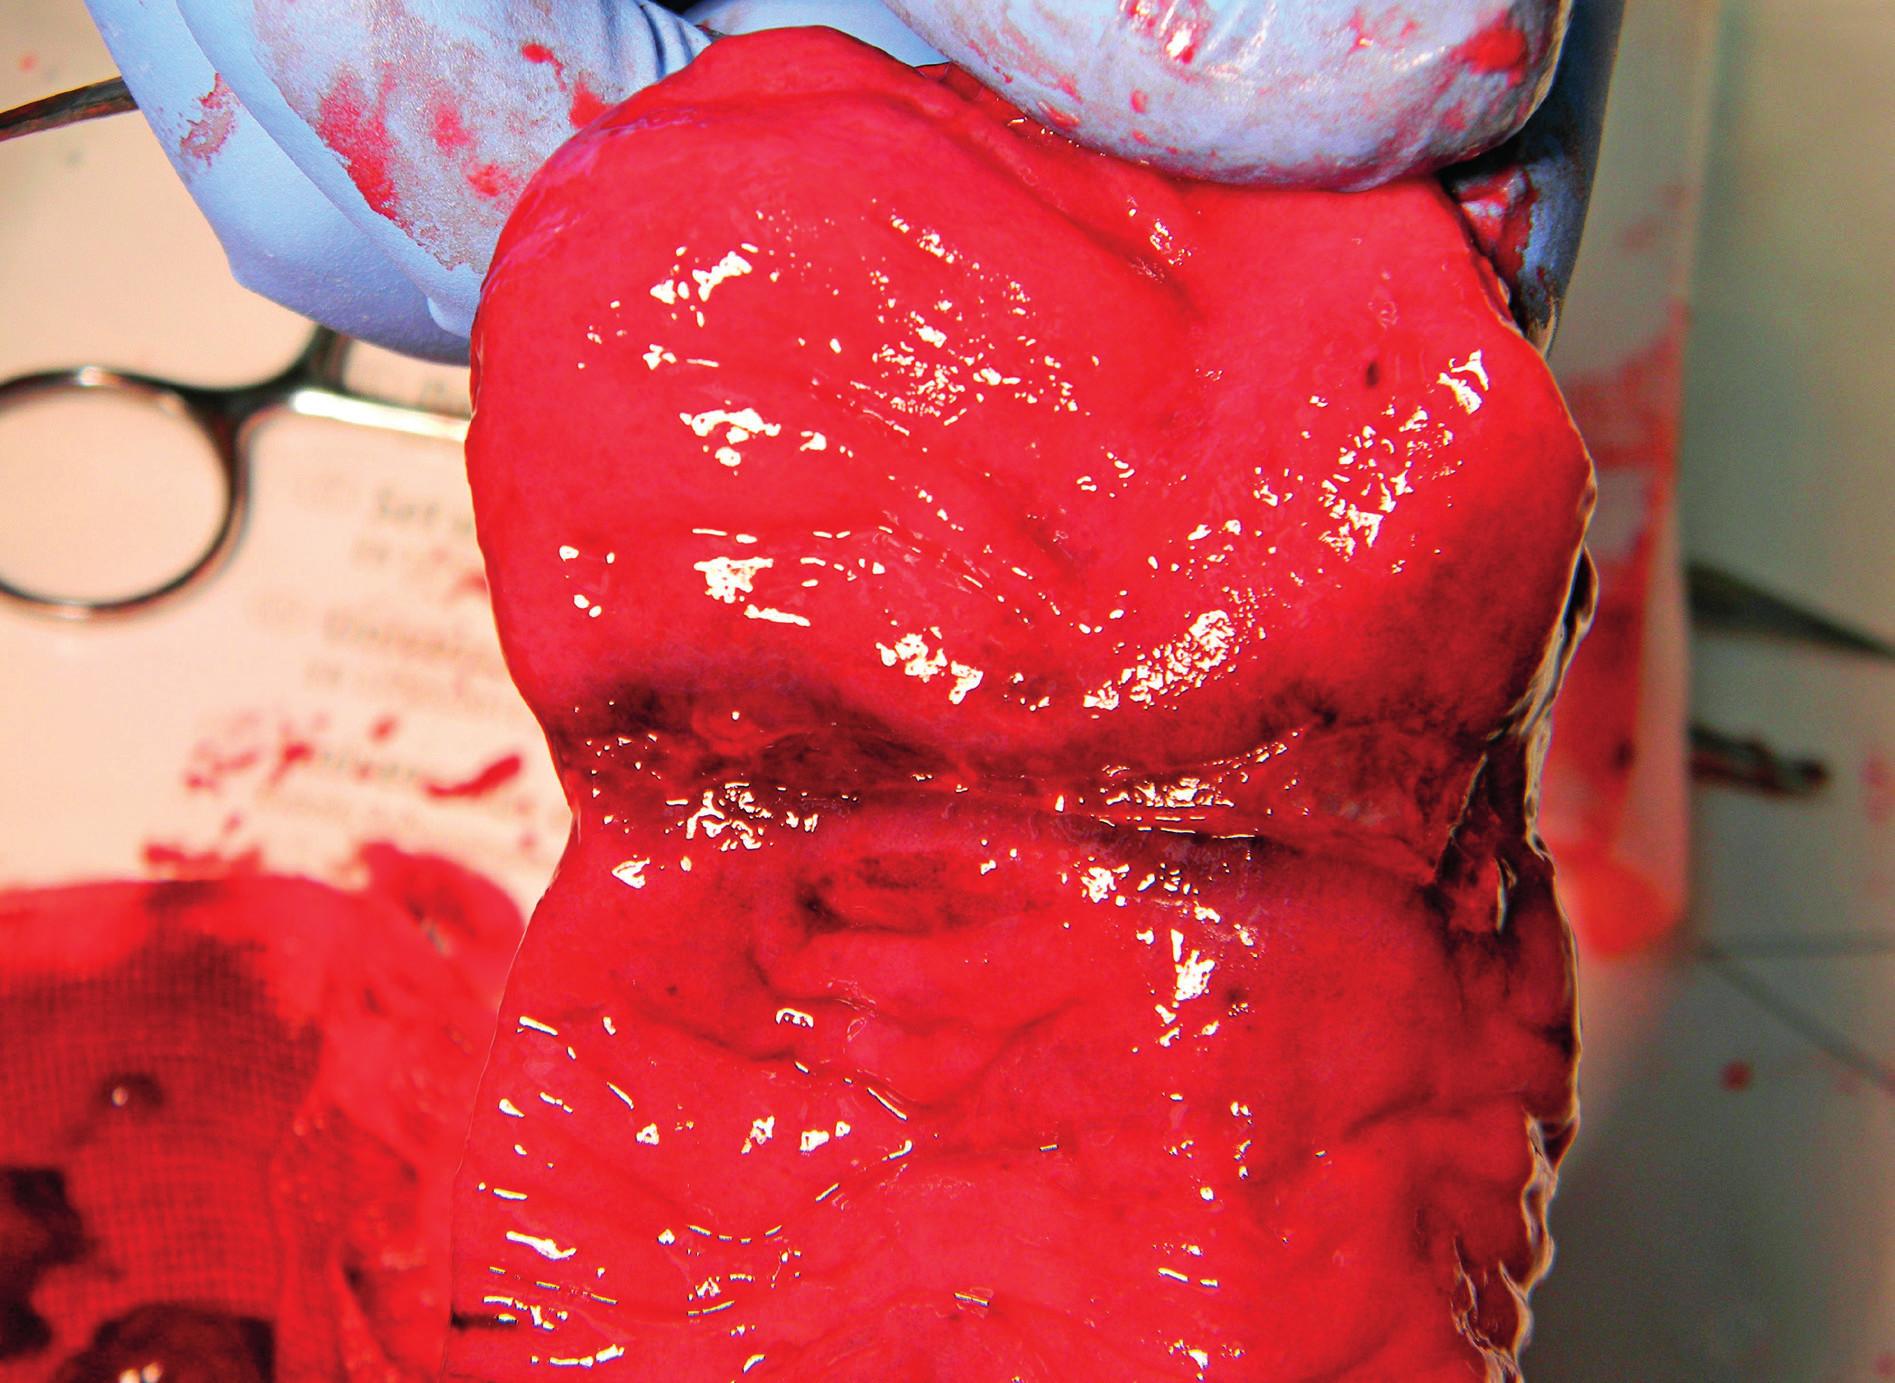 Podélně rozstřižený resekát tenkého střeva při pohledu do lumen s patrnou příčnou strikturou a s erozemi až ulceracemi sliznice (se svolením as. MUDr. L. Zemana, Klinika dětské chirurgie 2. LF UK a FN Motol). Fig. 2. An internal view of lengthwise cut part of small intestine; a transverse stricture with ulcerations and erosions of mucous membrane is clearly visible (with permission of as. MUDr. L. Zeman, Department of Paediatric Surgery, 2nd Faculty of Medicine Charles University in Prague and Motol University Hospital).